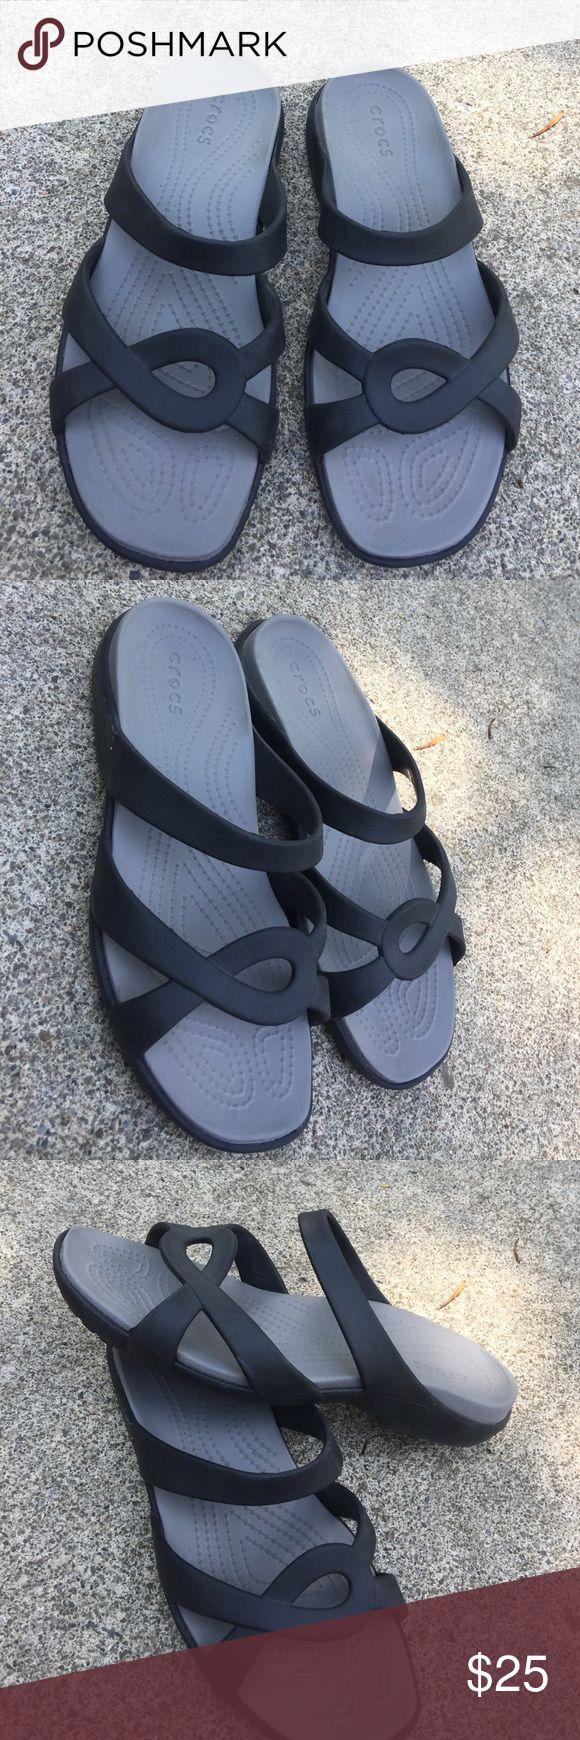 Women's Crocs Black Sandals Size 10M. Worn once! Women's Crocs Black Sandals Size 10M. Worn once! Look new CROCS Shoes Sandals